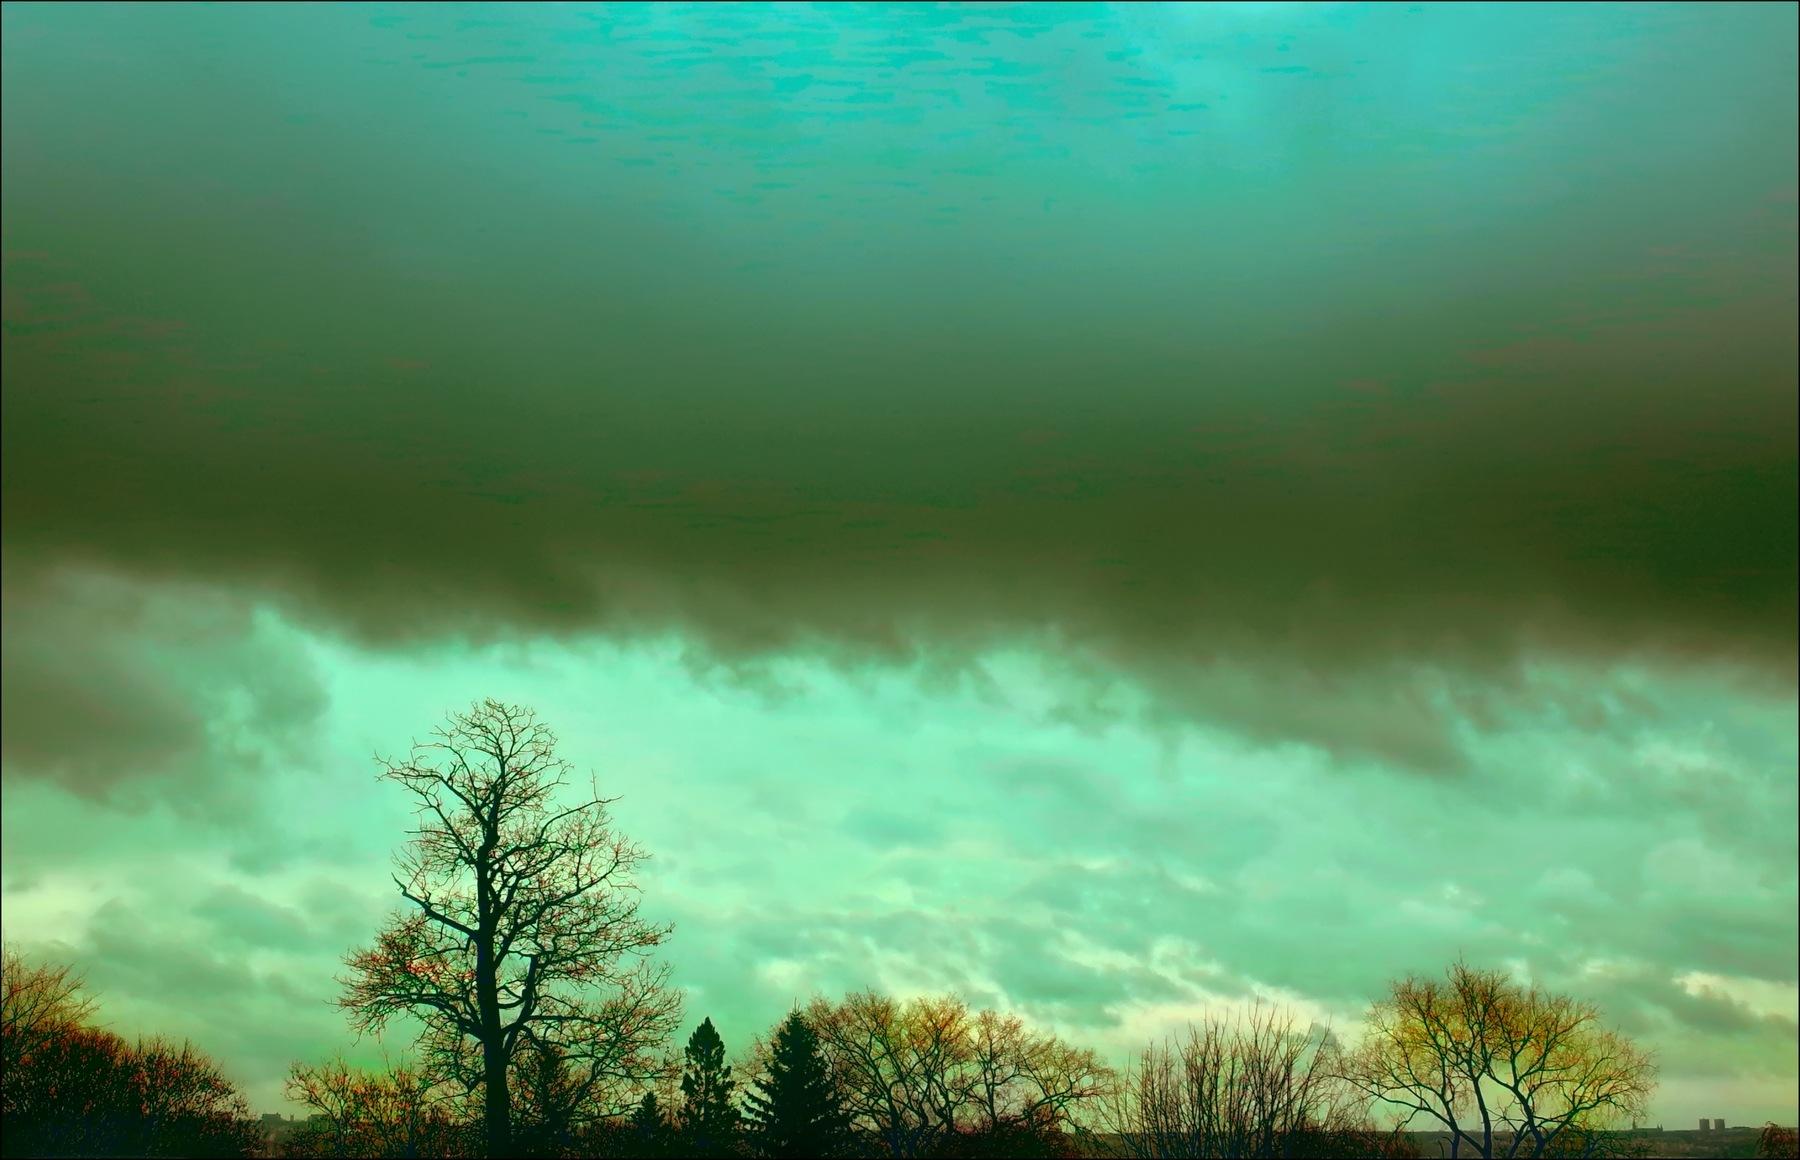 Jour d'automne by Fernand Larochelle